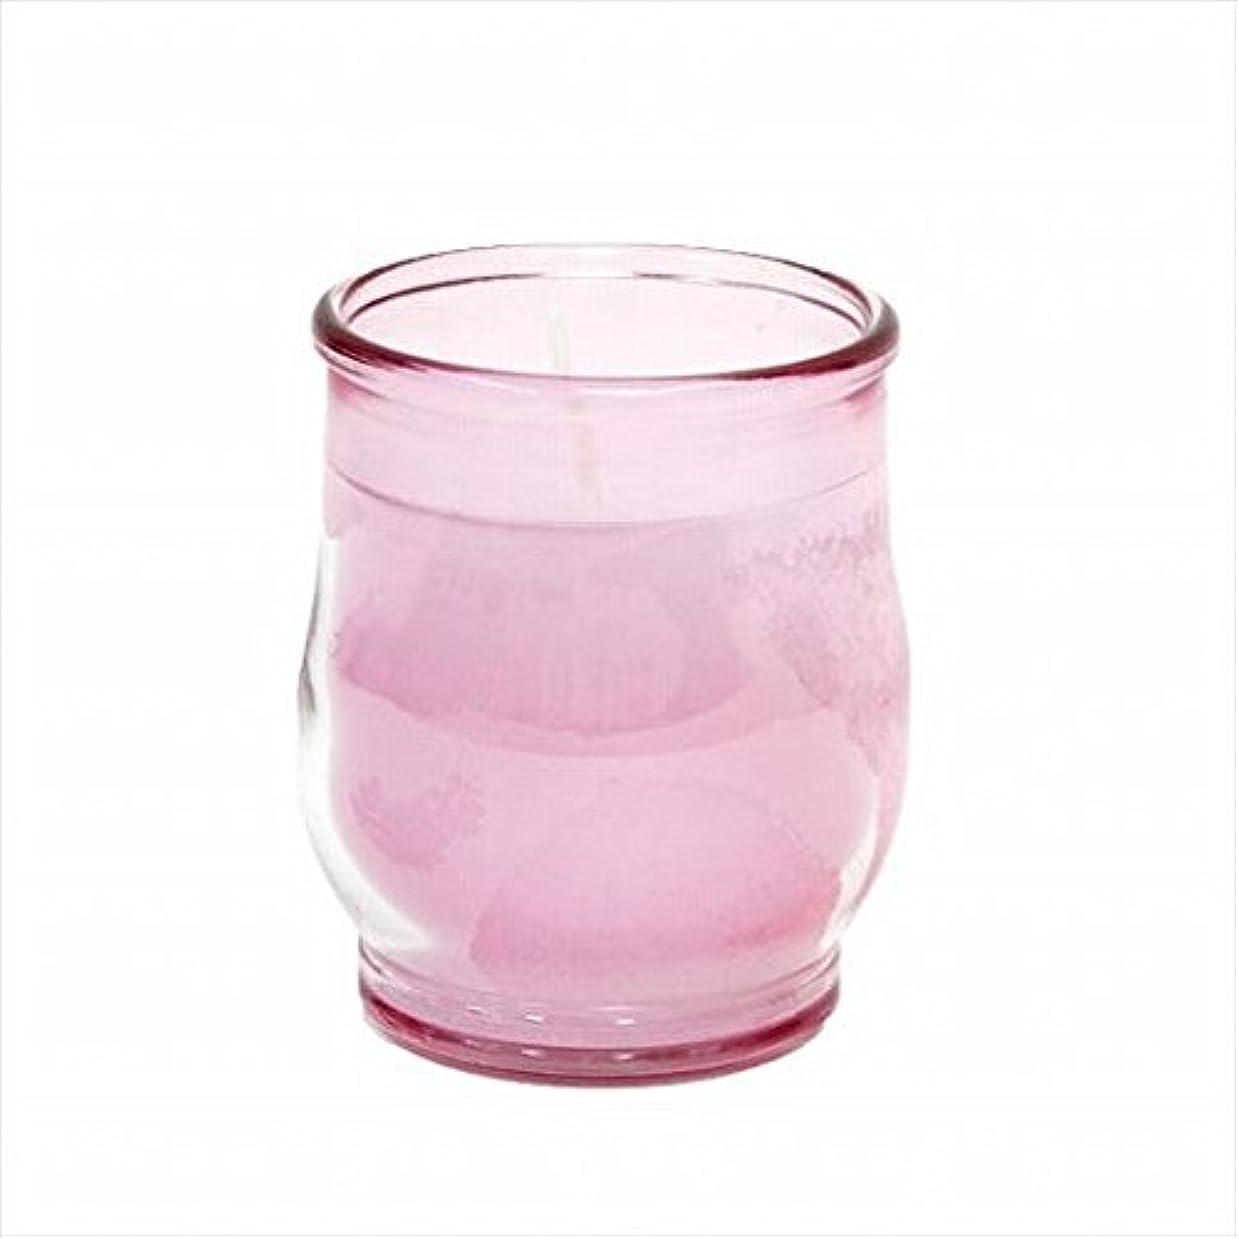 湖燃料広がりkameyama candle(カメヤマキャンドル) ポシェ(非常用コップローソク) 「 ピンク(ライトカラー) 」 キャンドル 68x68x80mm (73020030P)